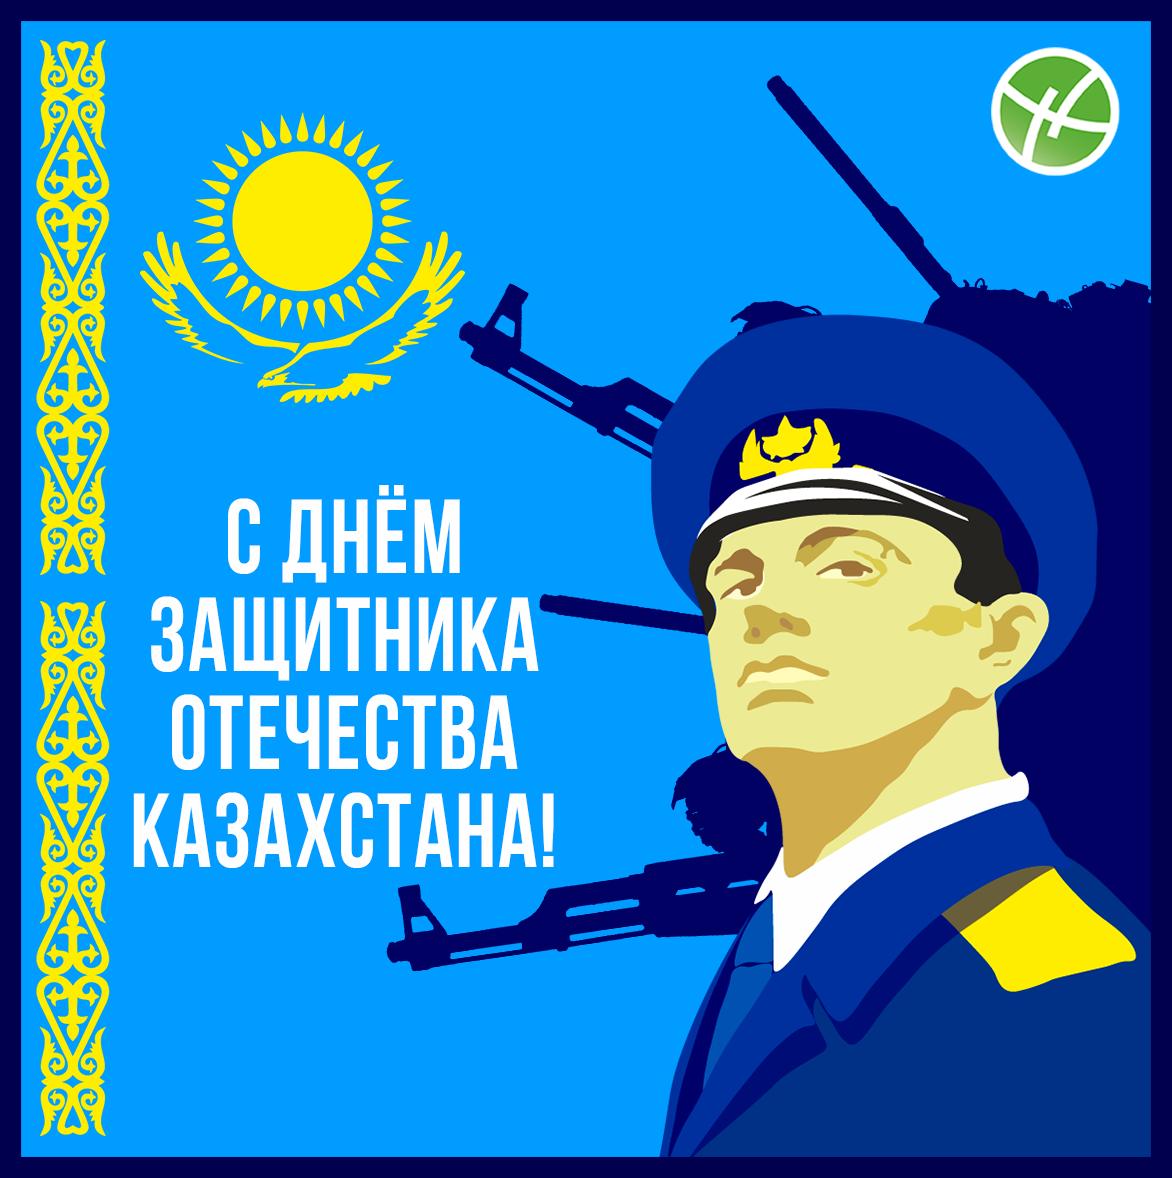 самой казахстанские открытки с днем защитника отечества кератоз заболевание